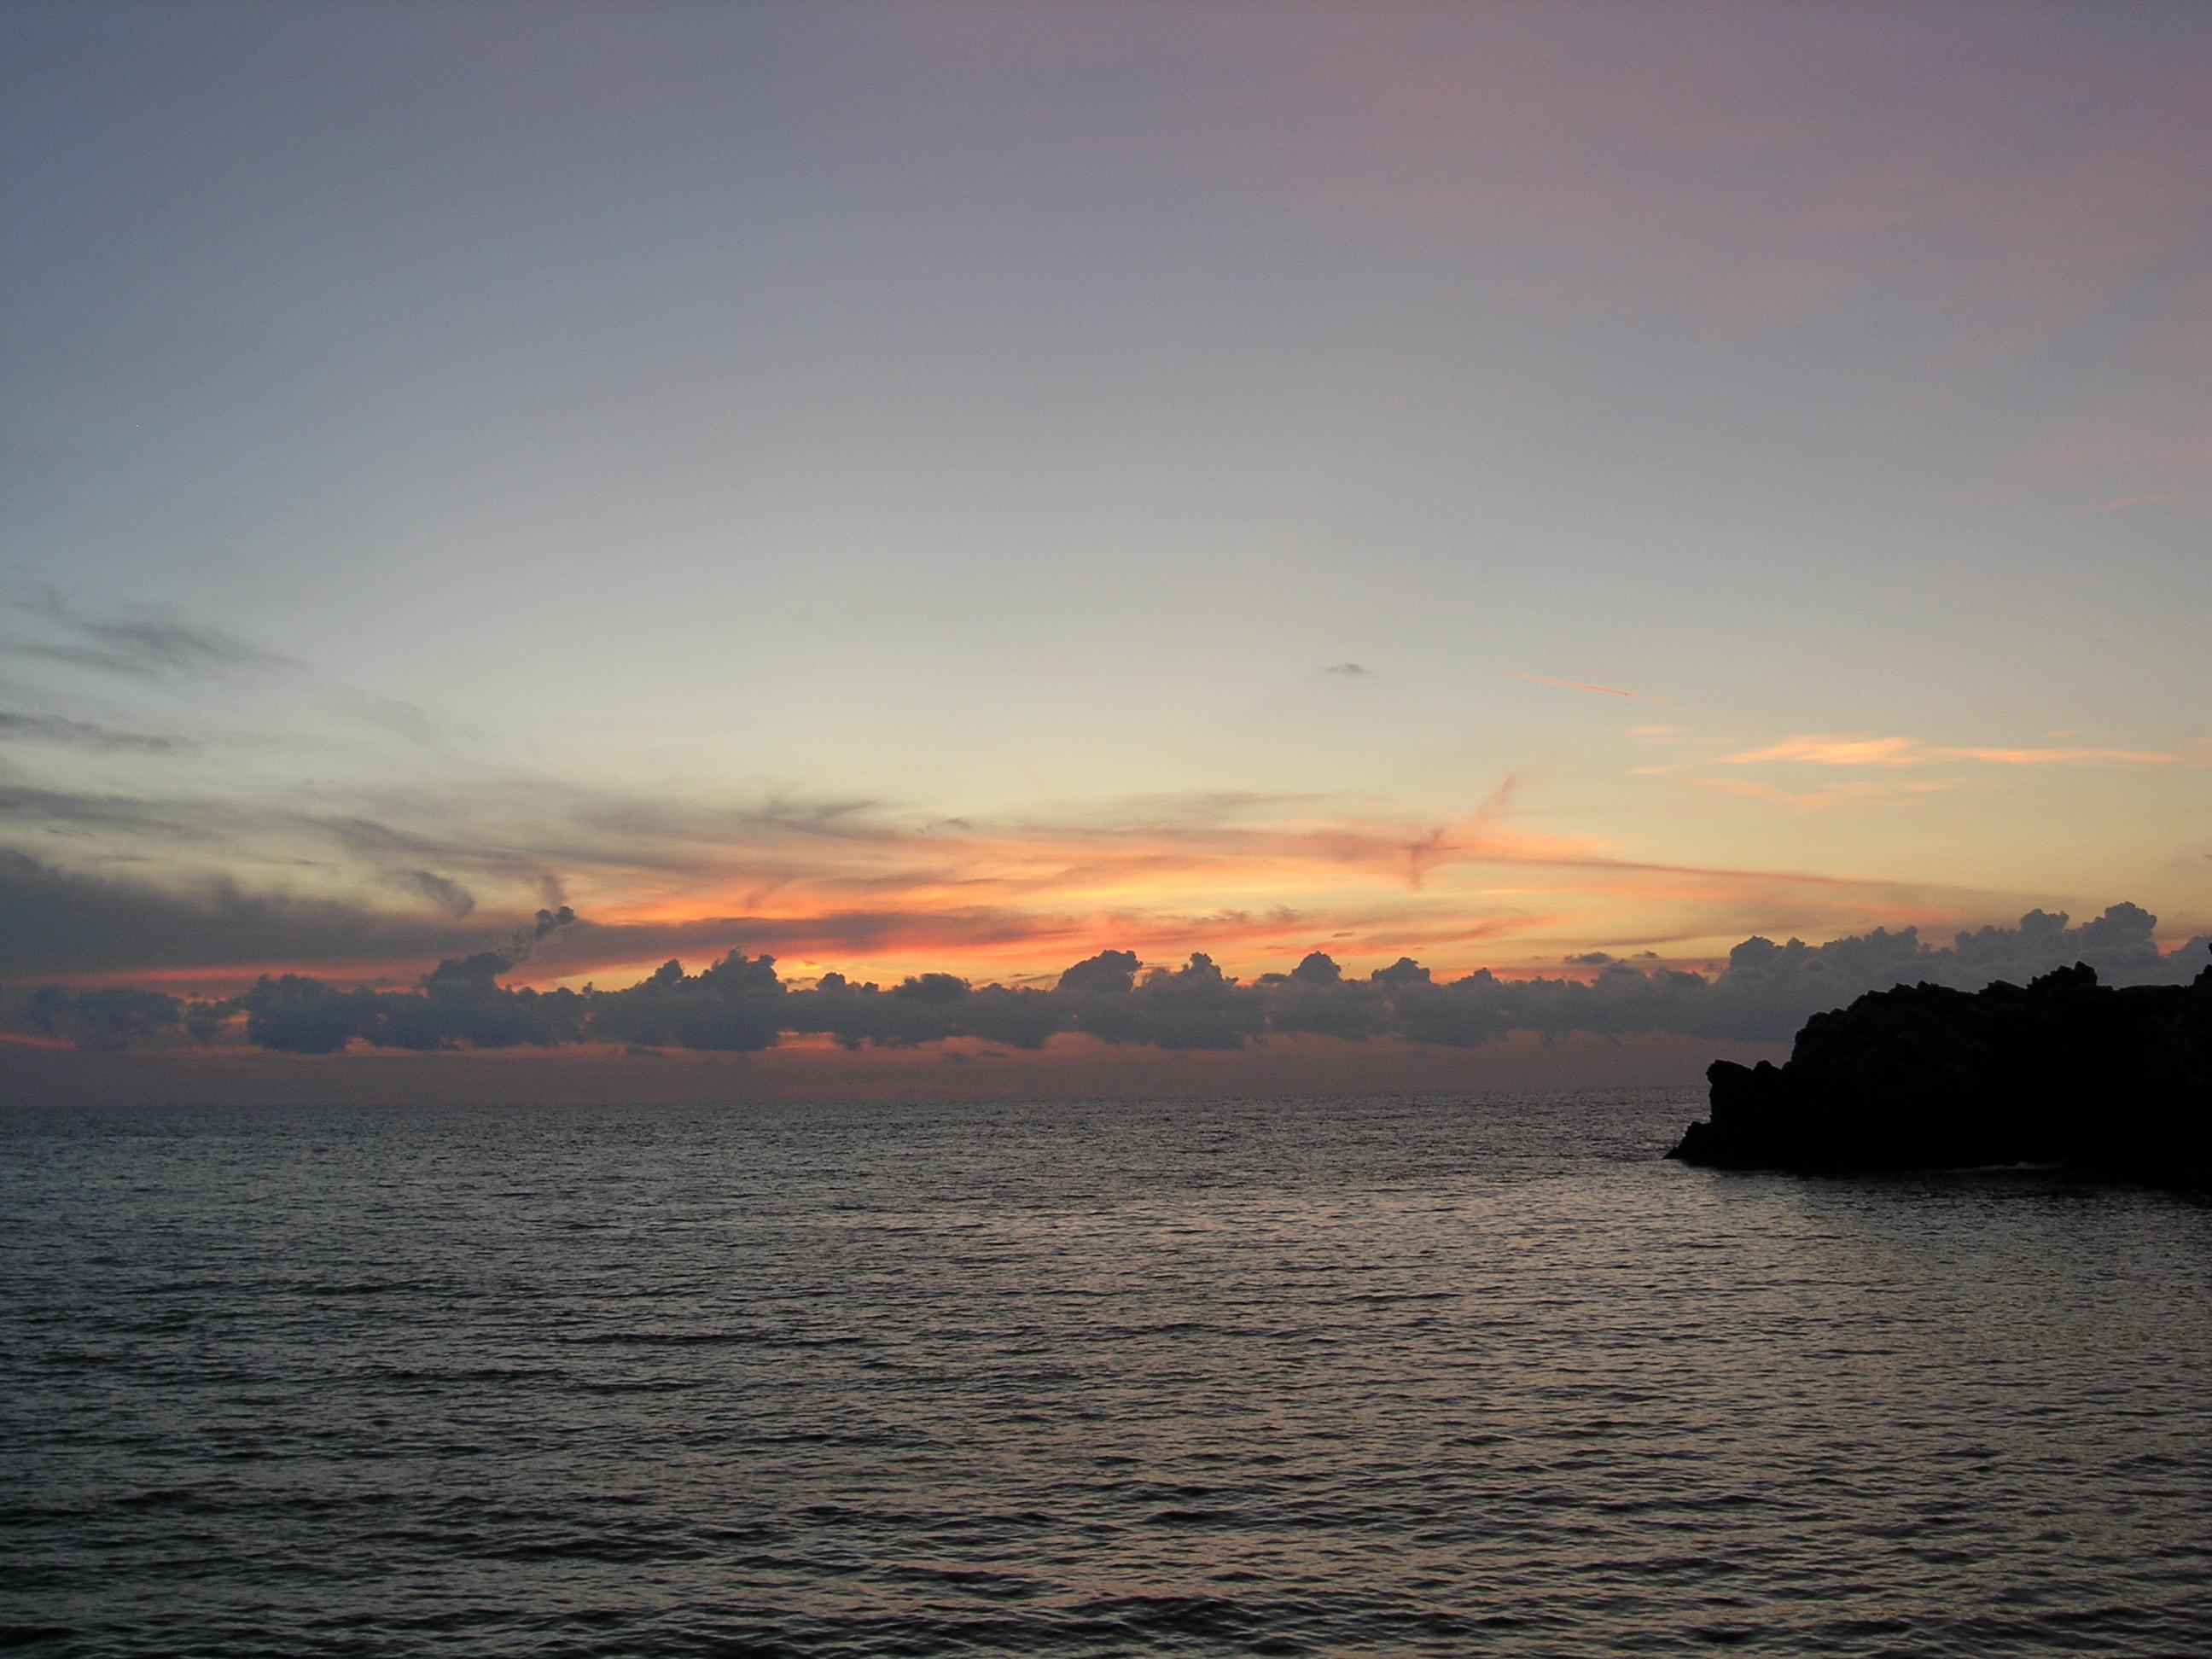 Koh Bon Sunset